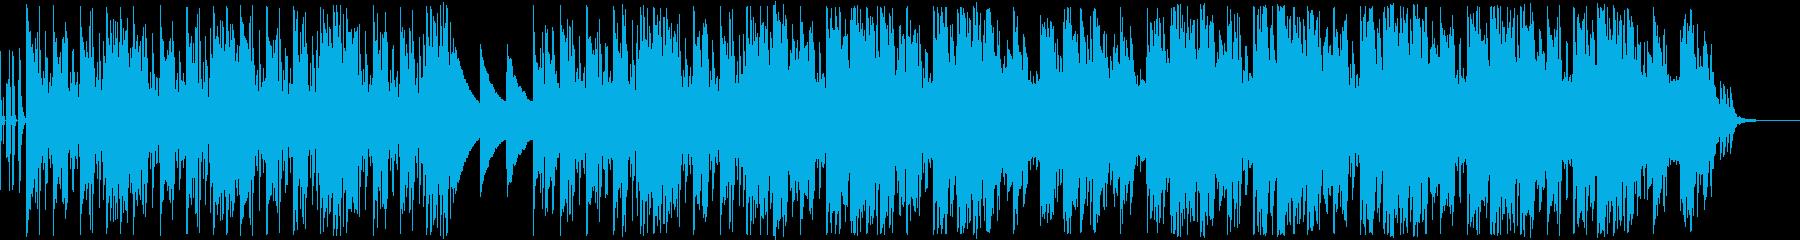 アンニュイで暗めなチルアウトの再生済みの波形